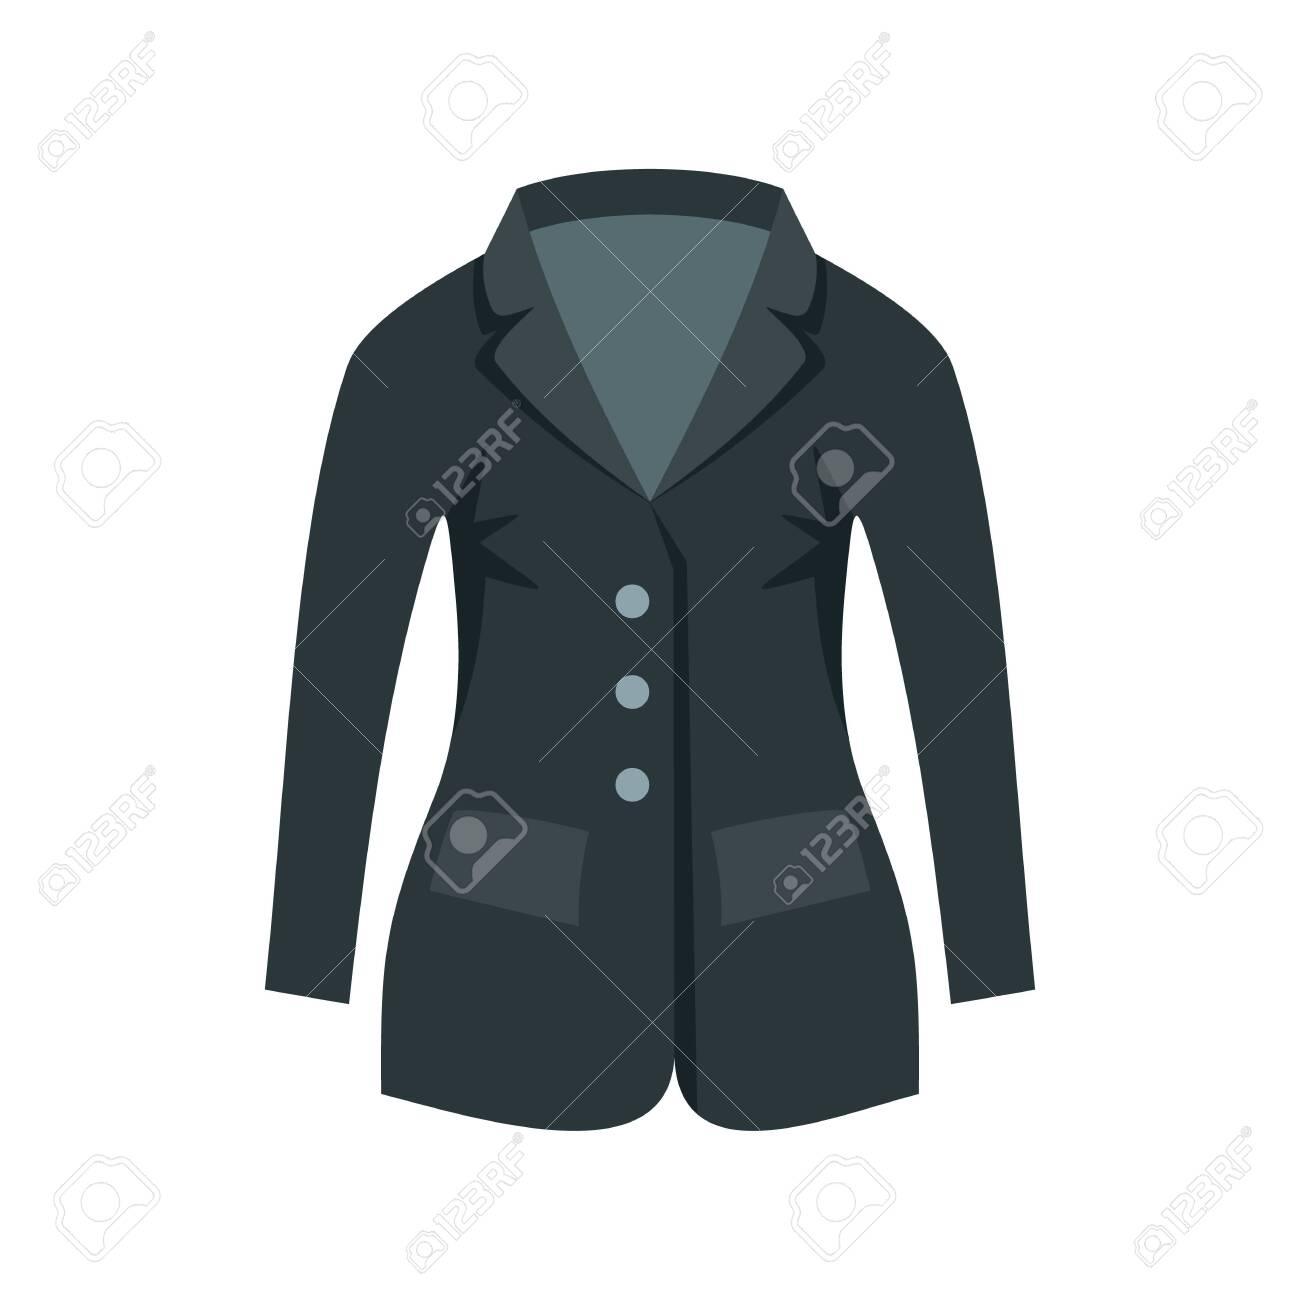 Horse riding jacket icon, flat style - 131152694